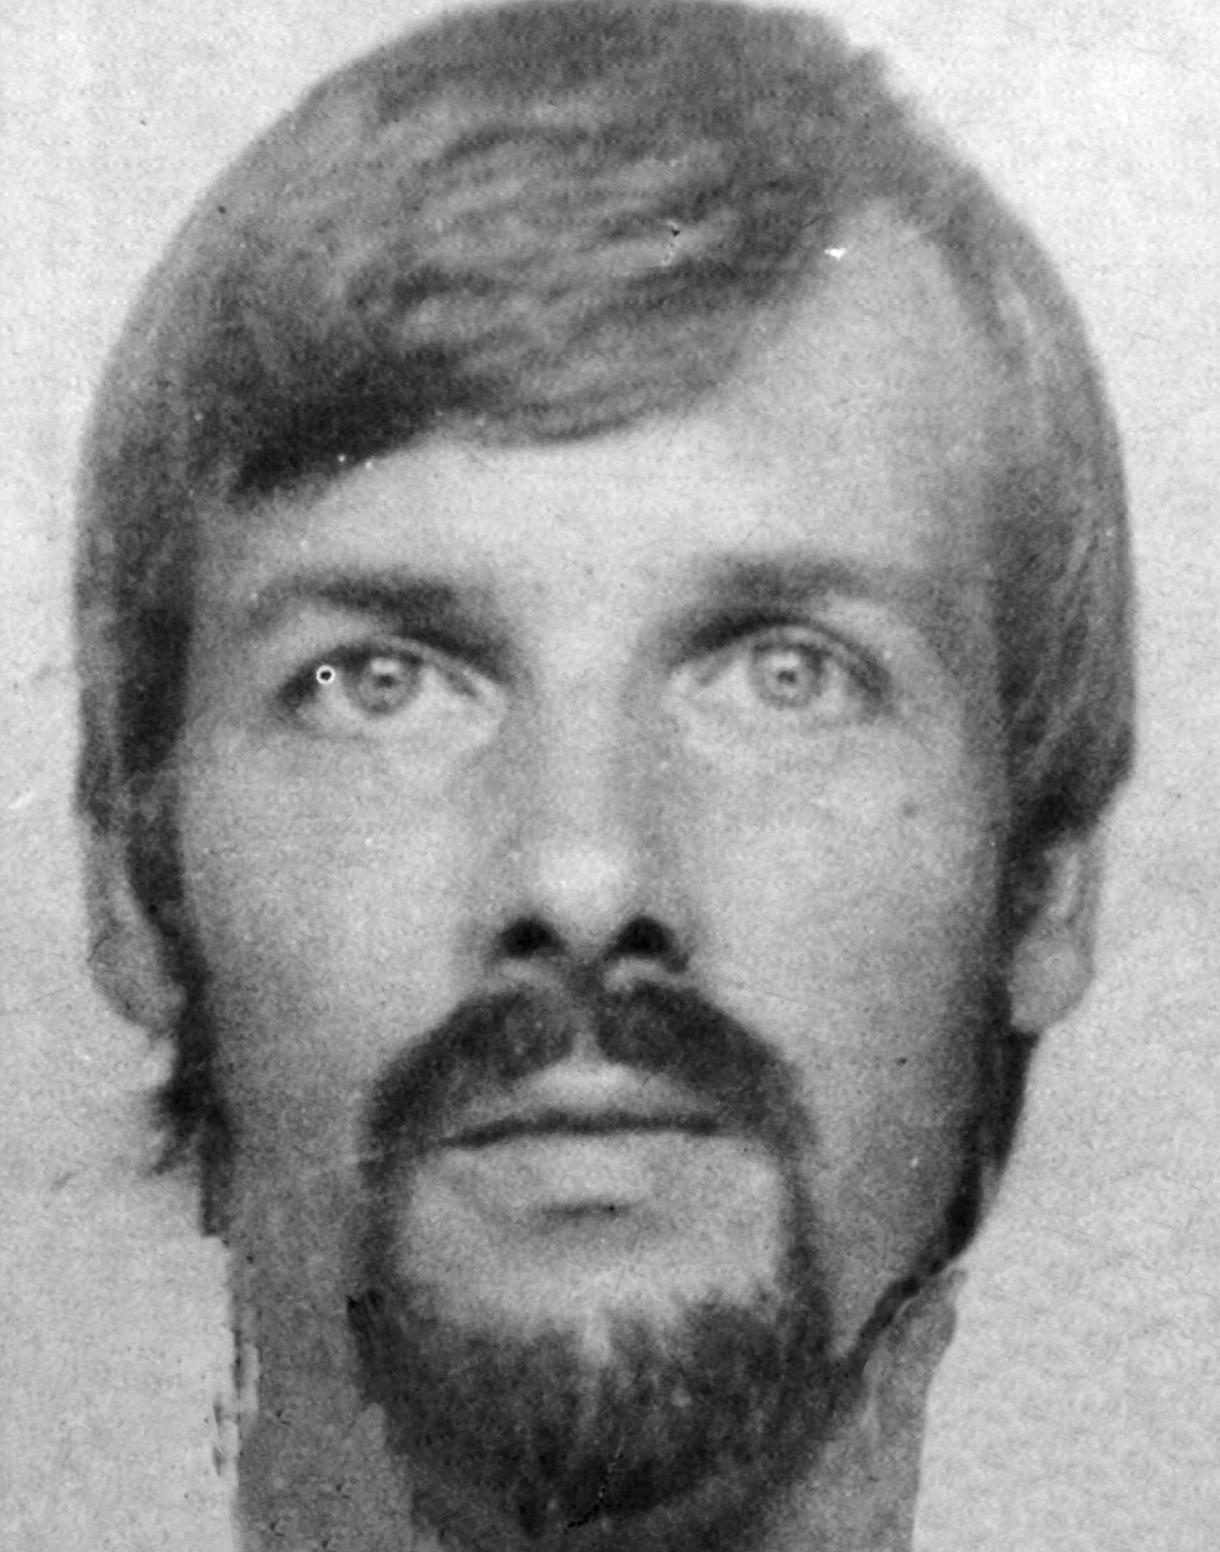 Michael Townley, agente de la DINA